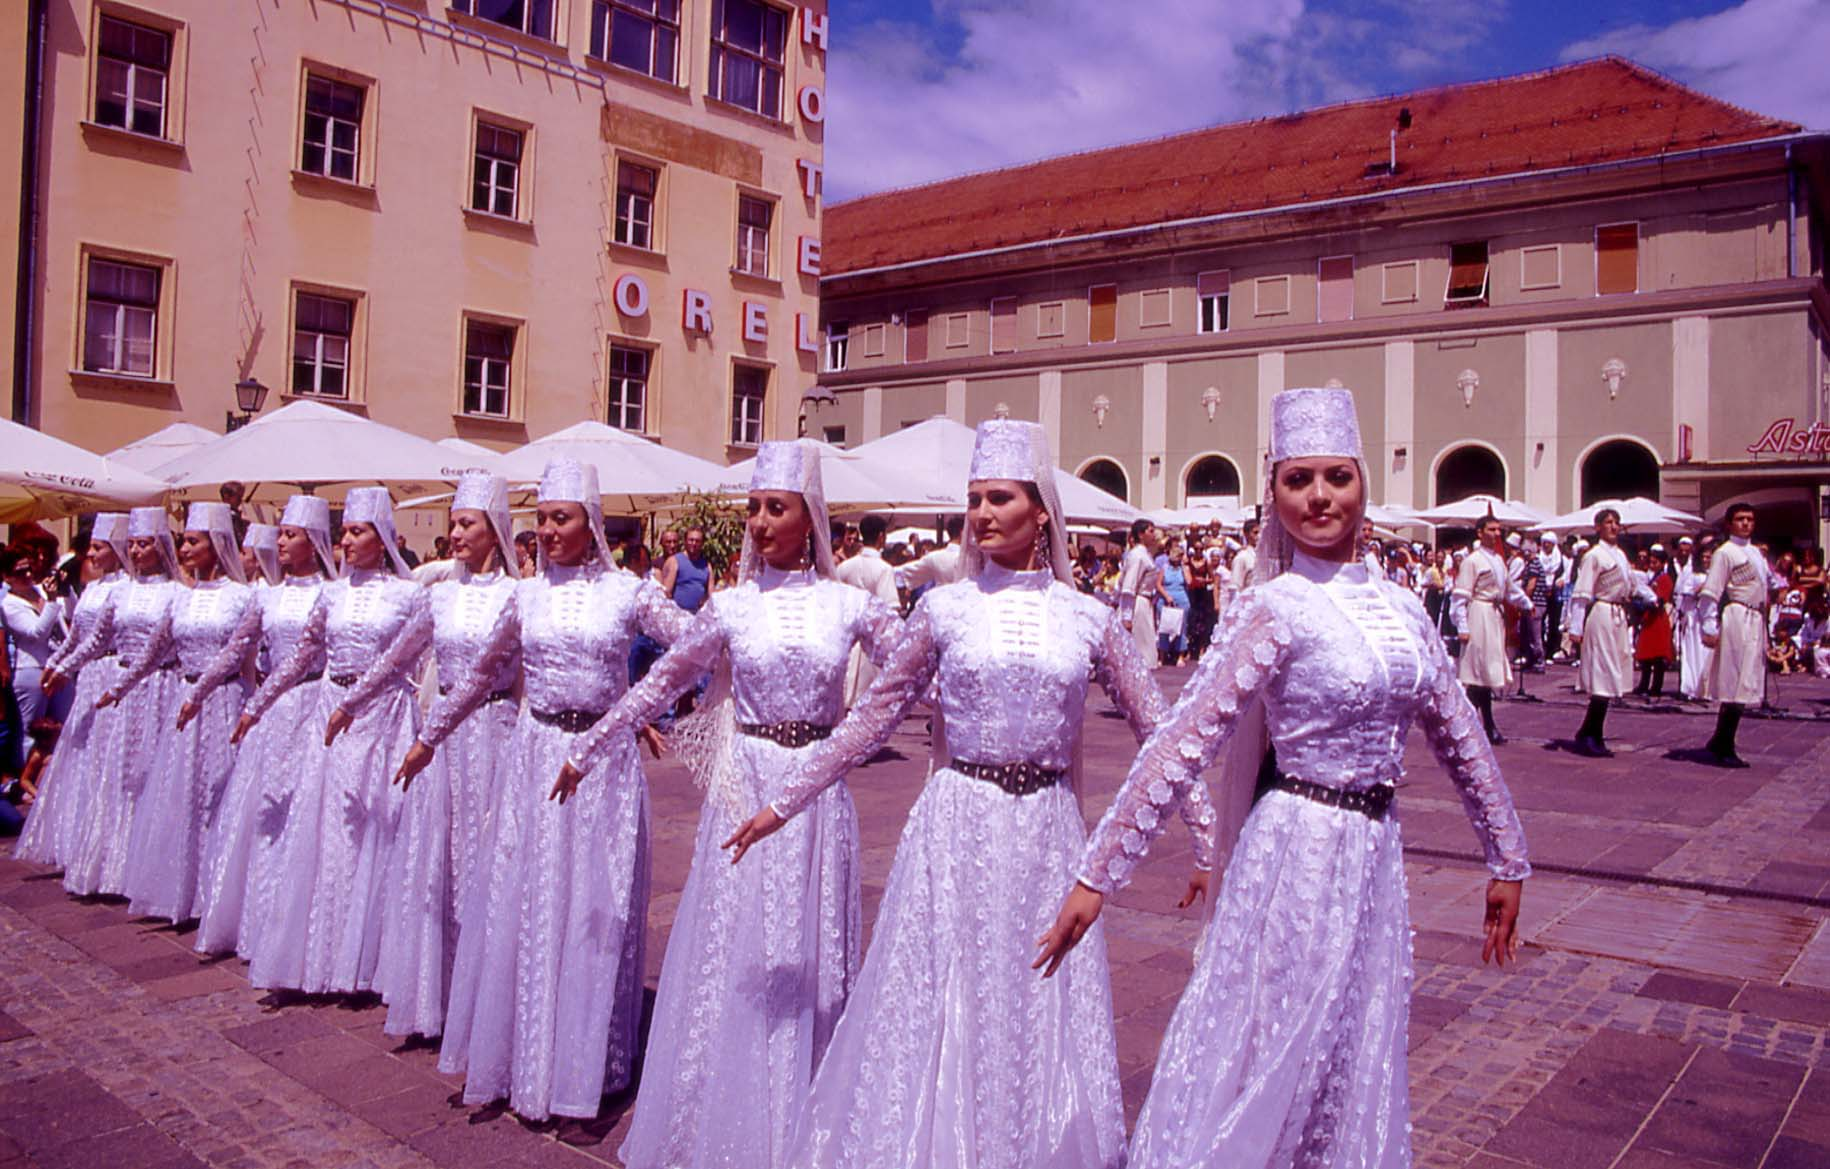 Festival Lent a Maribor alla scoperta della Slovenia che si diverte